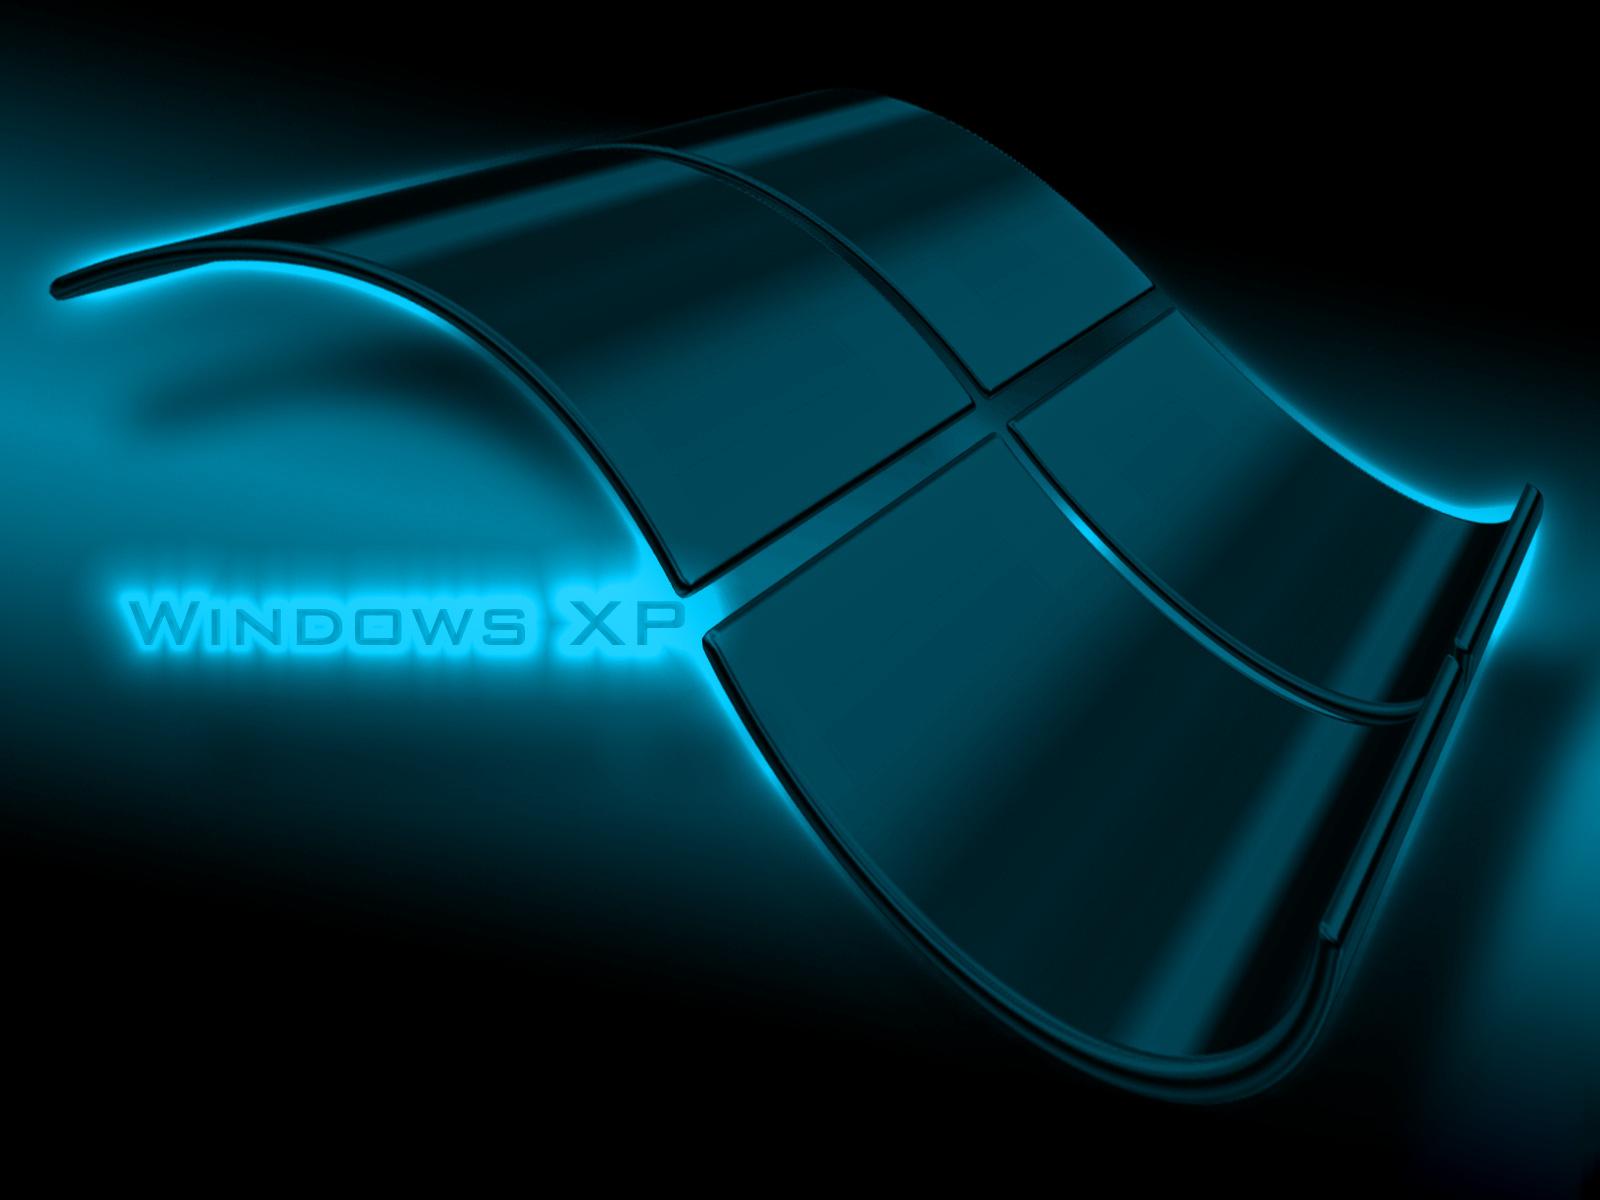 http://2.bp.blogspot.com/--bgxPz7_mfI/T-1ivhIolsI/AAAAAAAABvQ/OAYg_H8DUbE/s1600/windows_xp_blue.jpg